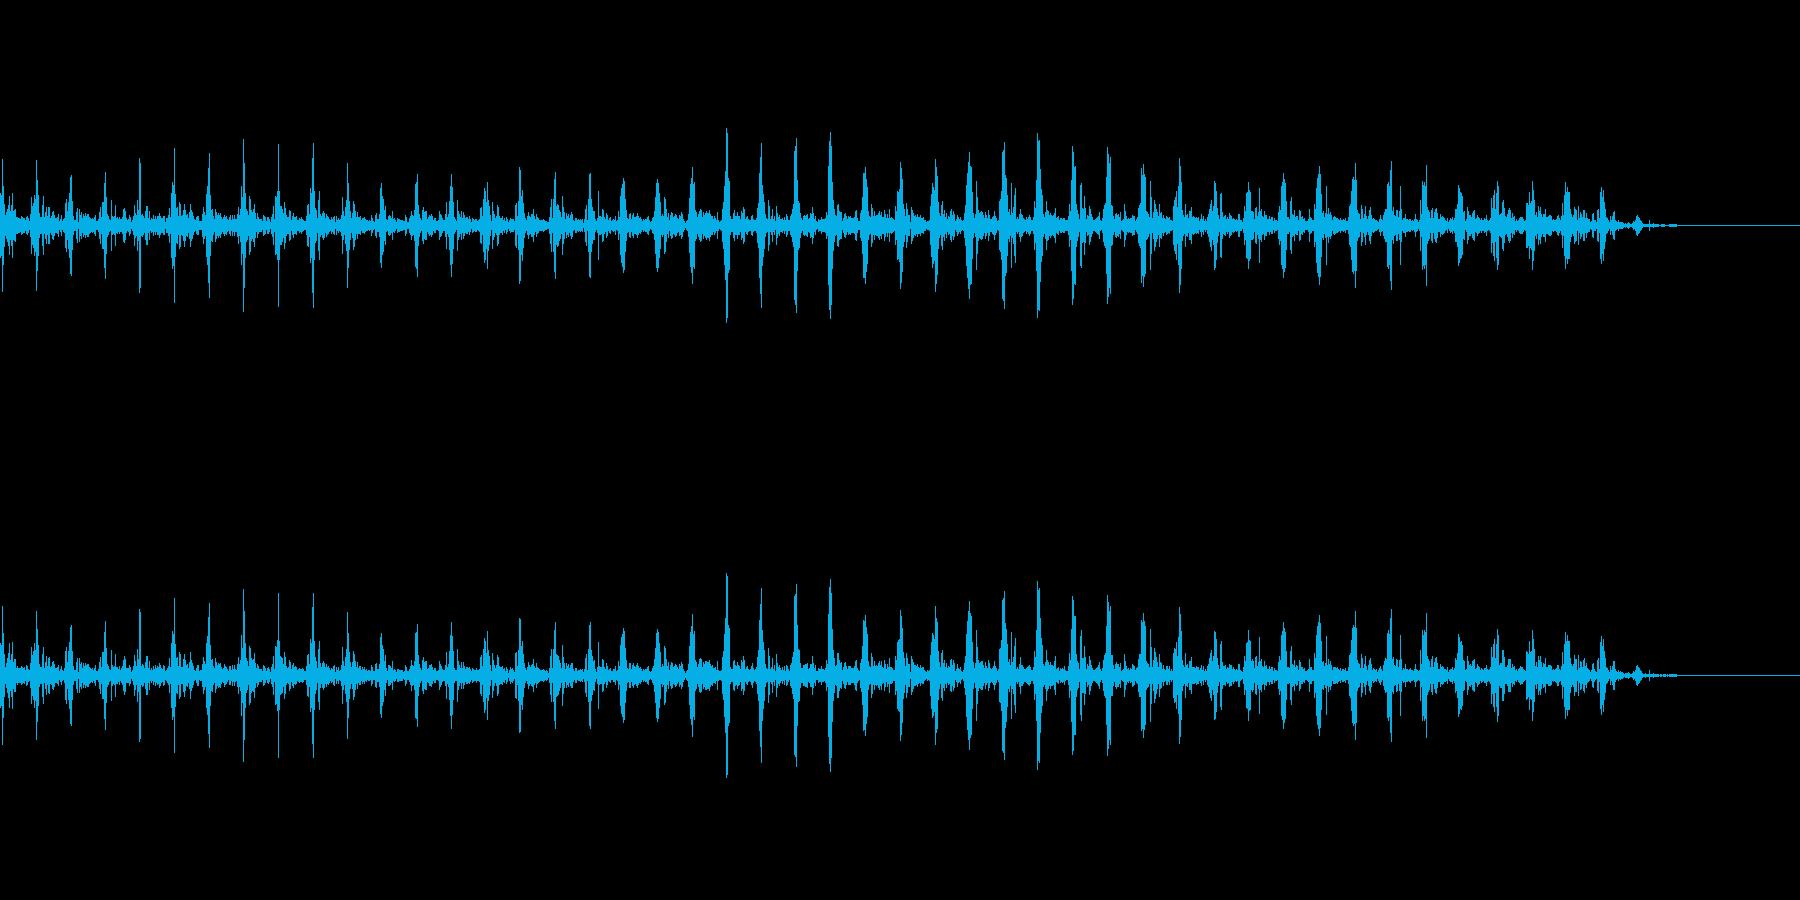 胎児の心音を医療機器で計測している音の再生済みの波形